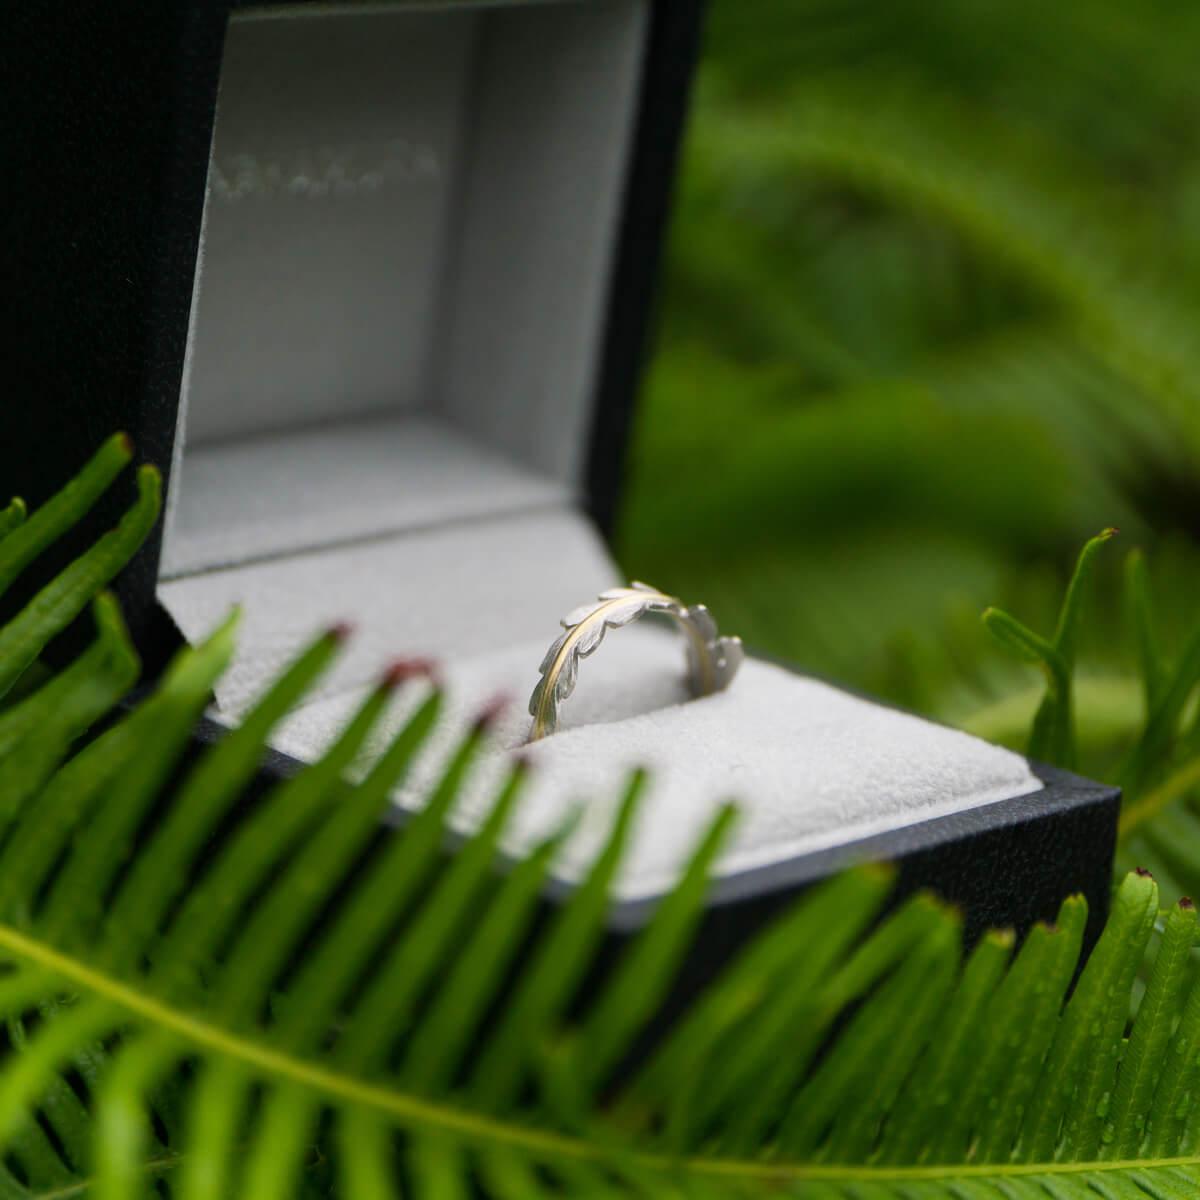 角度2 ケースの中、オーダーメイドエンゲージリング 屋久島のシダモチーフ 屋久島のシダバック プラチナ、ゴールド 屋久島でつくる結婚指輪